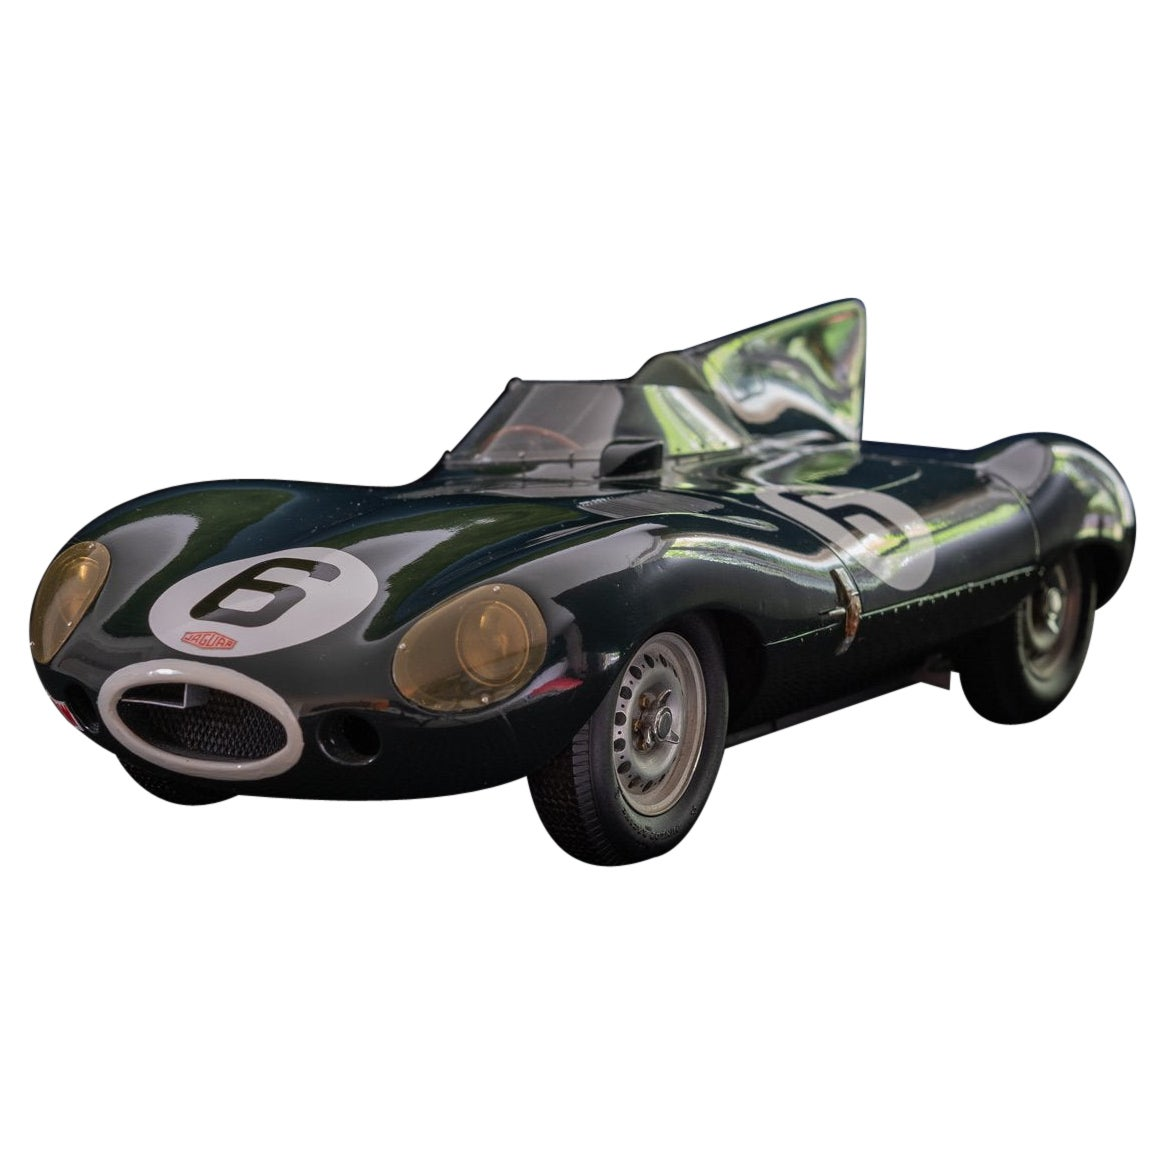 Model of the Jaguar D-Type Racing Car